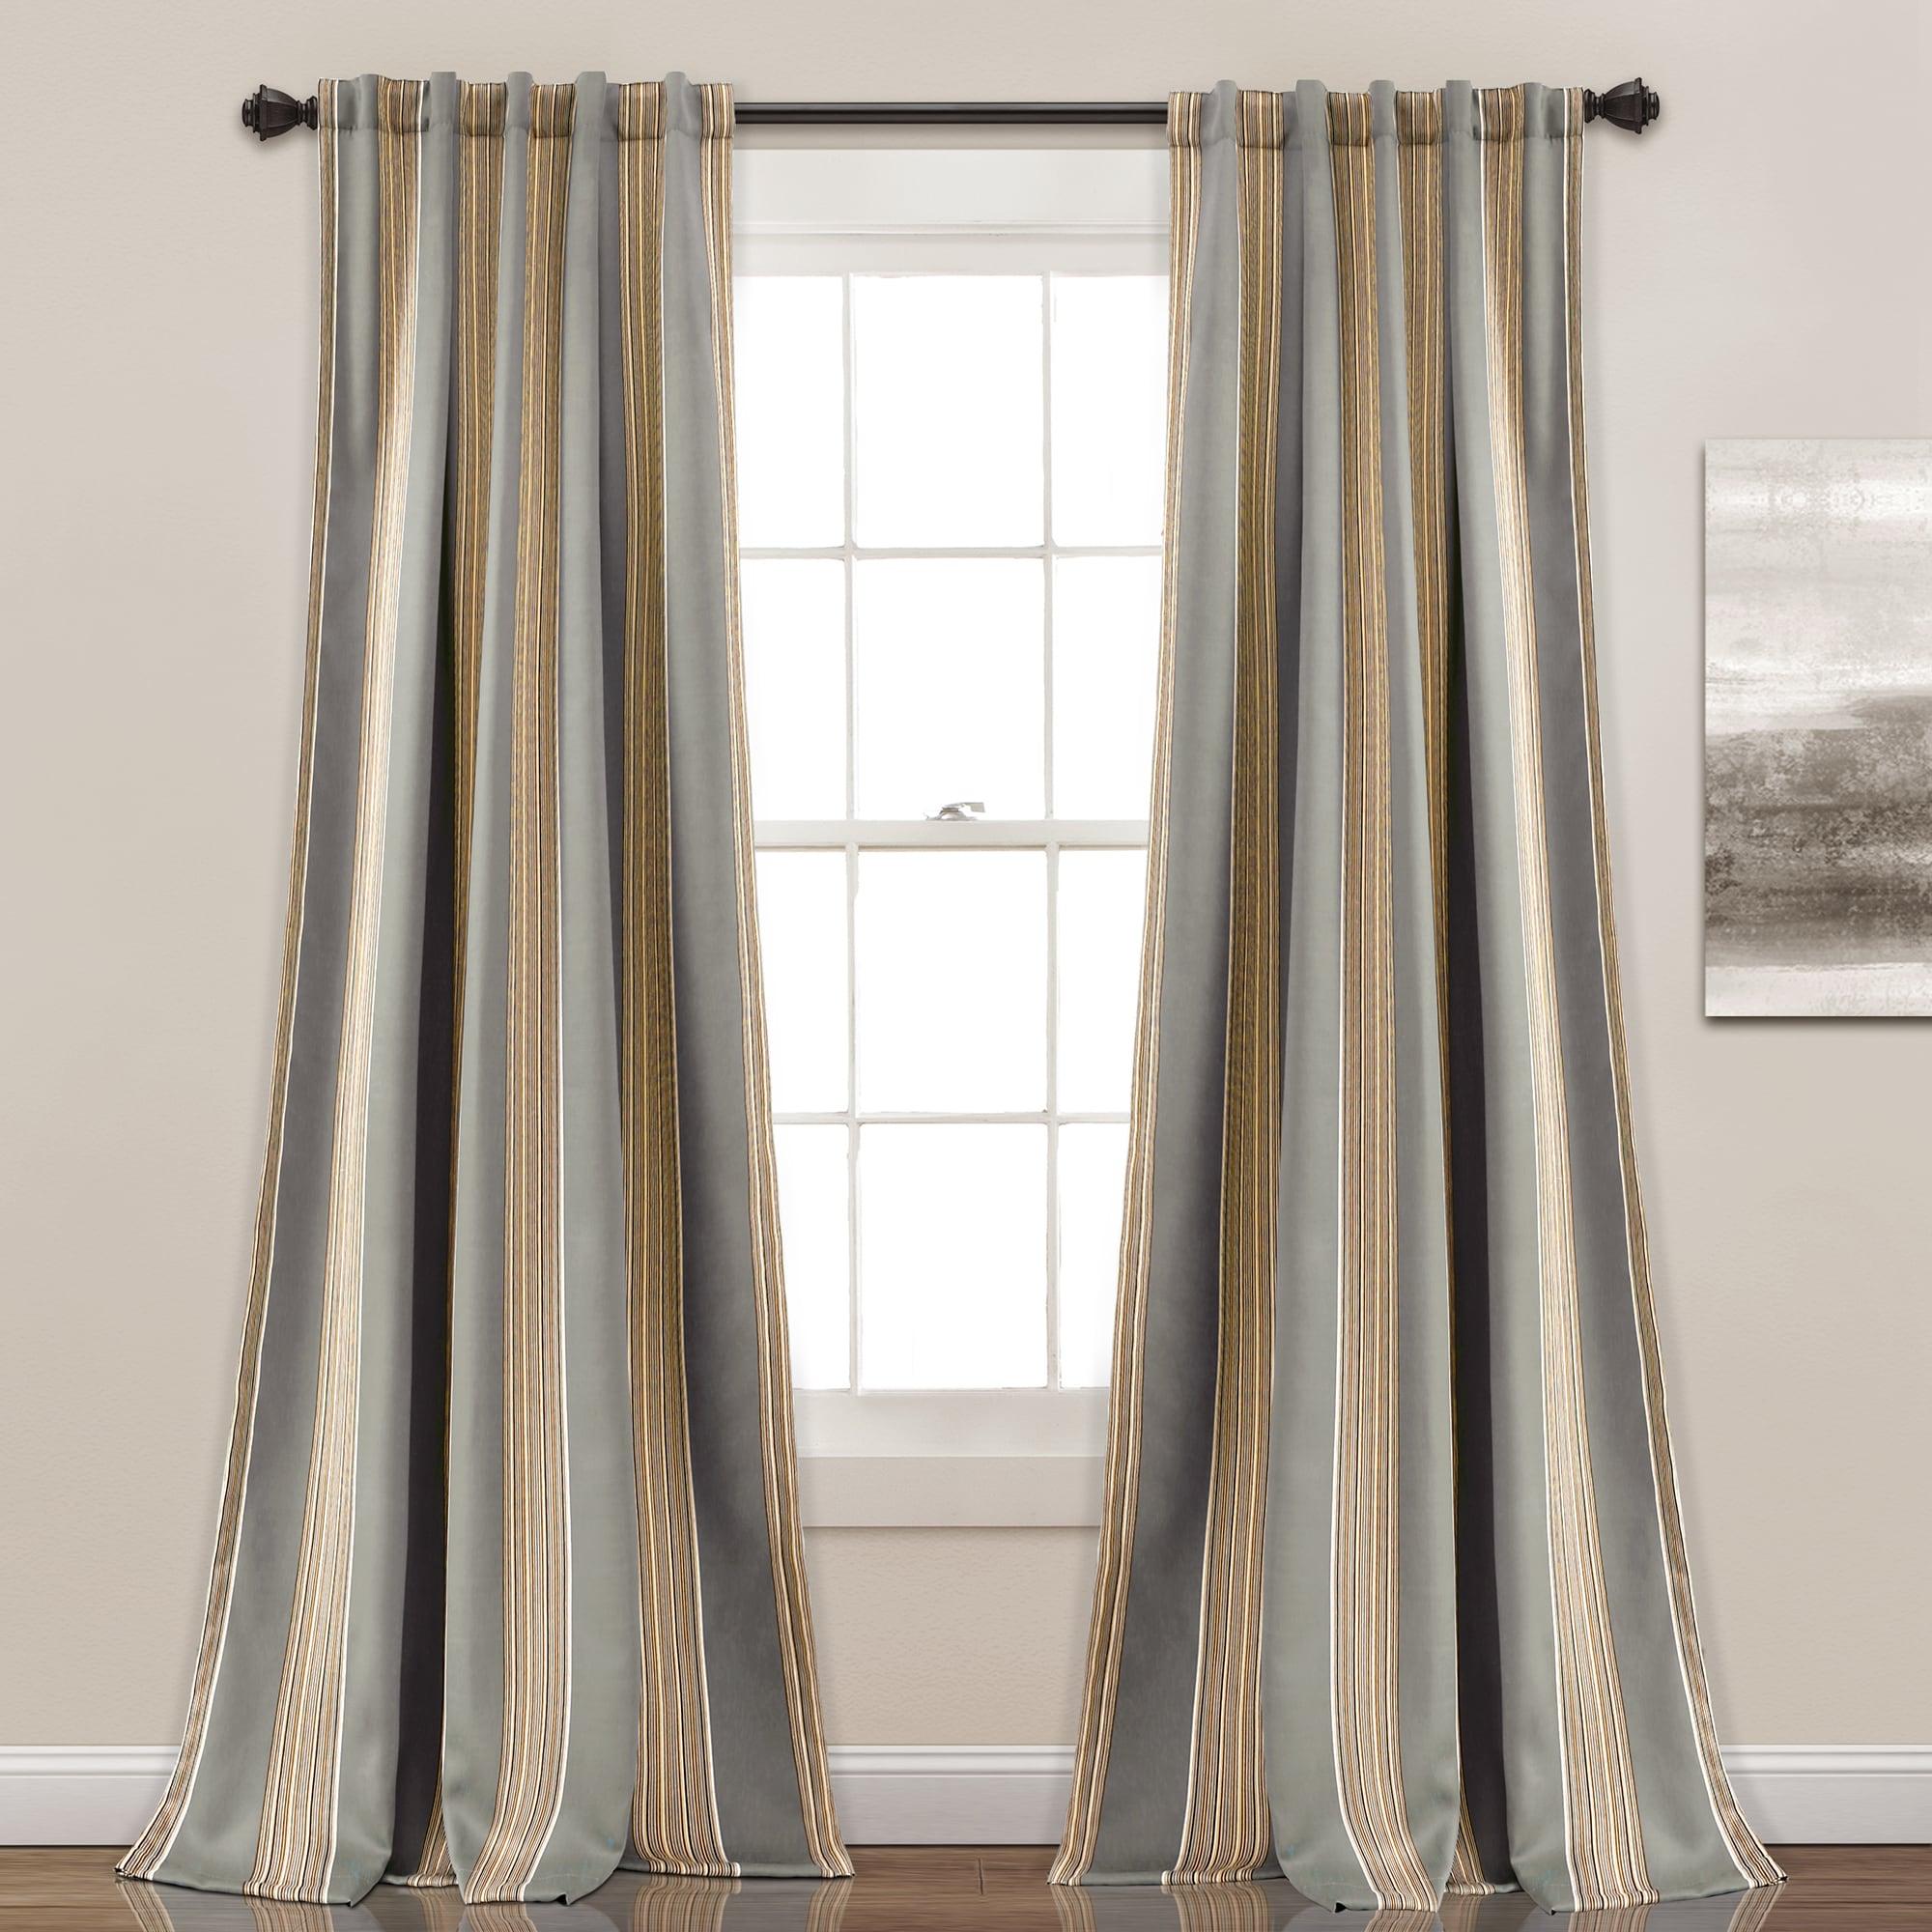 Lush Decor Julia Striped Room Darkening Window Curtain Panel Pair 52 W X 84 L 52 W X 84 L Overstock 15926197